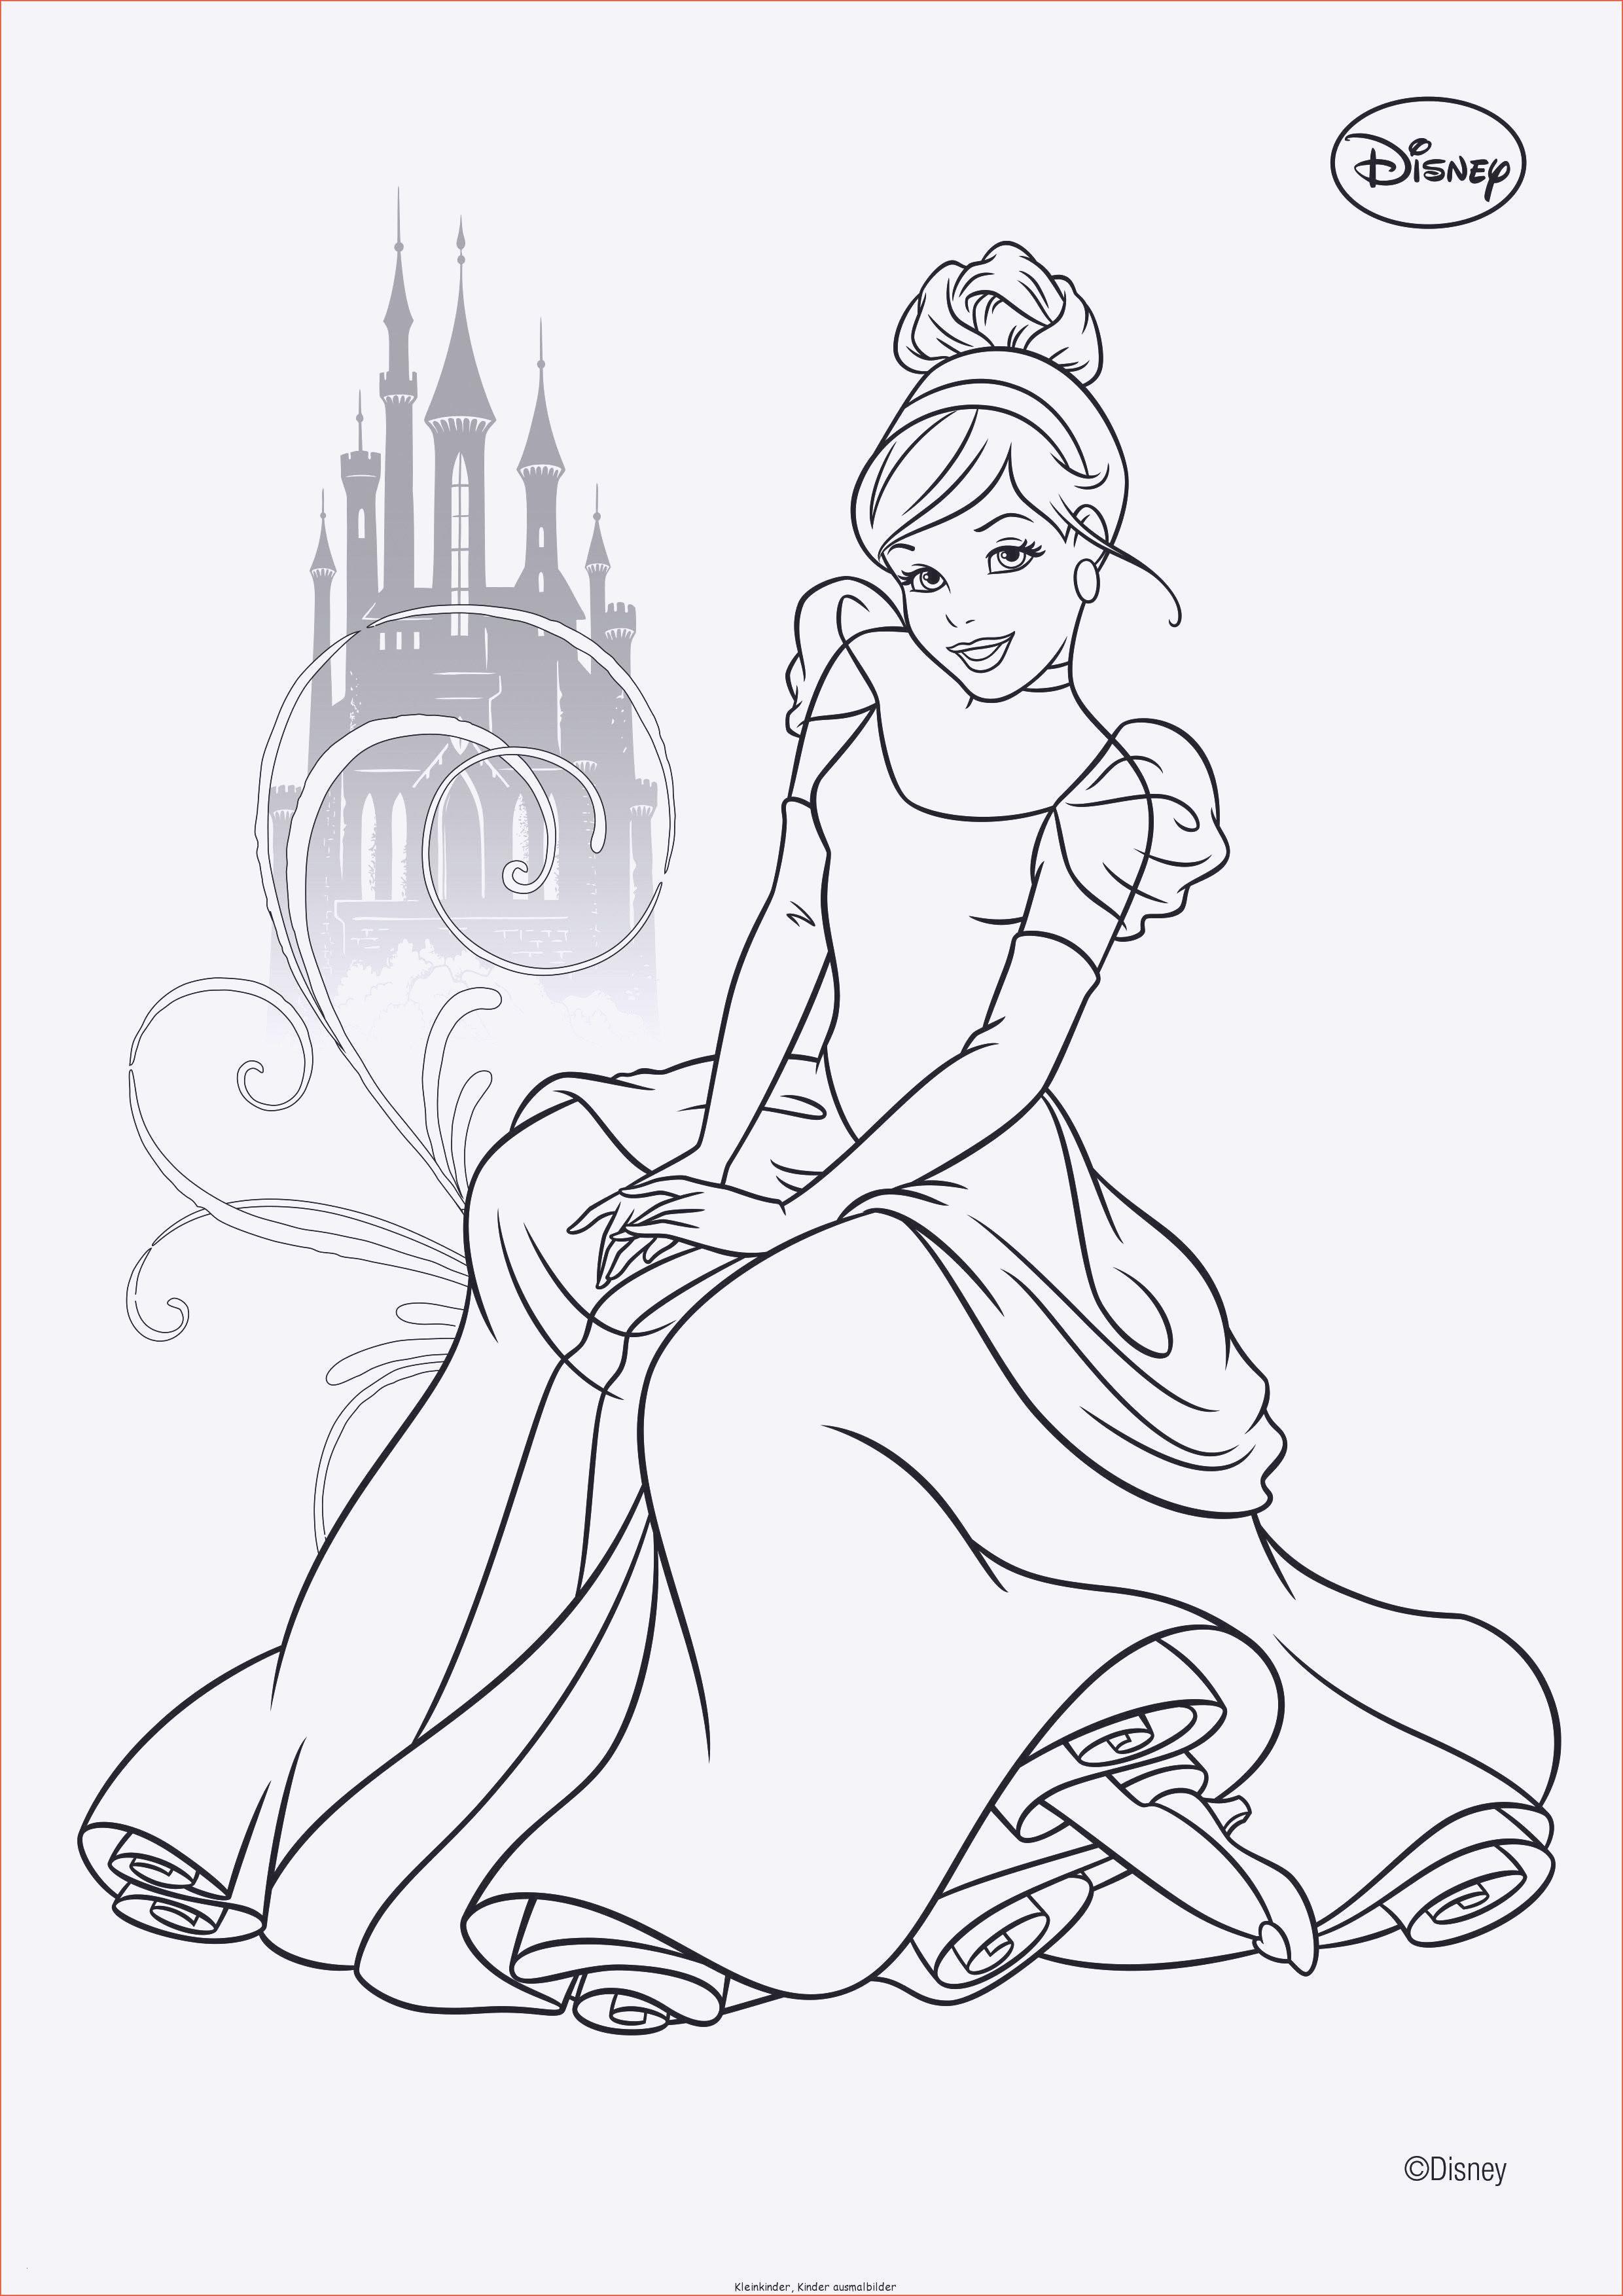 Disney Bilder Zum Ausmalen Neu Malvorlagen Gratis Prinzessin Disney Best Weihnachten Disney Bilder